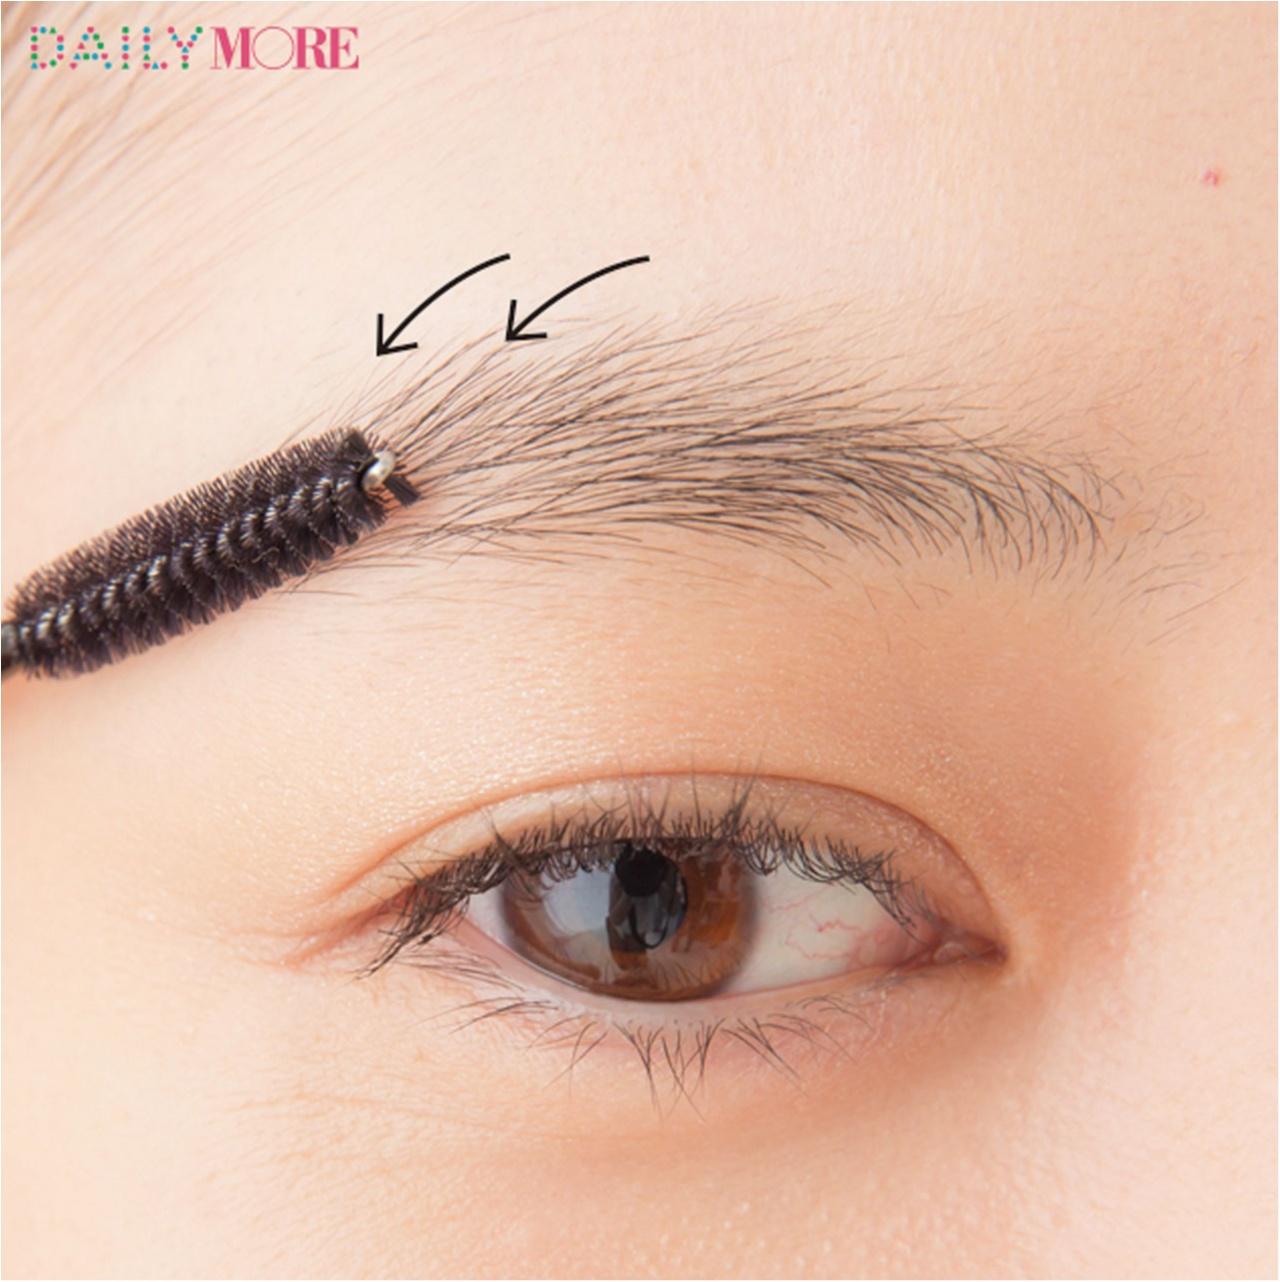 眉毛特集 - 世界一正しい眉の描き方 | アイブロウの描き方、メイクのプロセスやテクニックまとめ_20